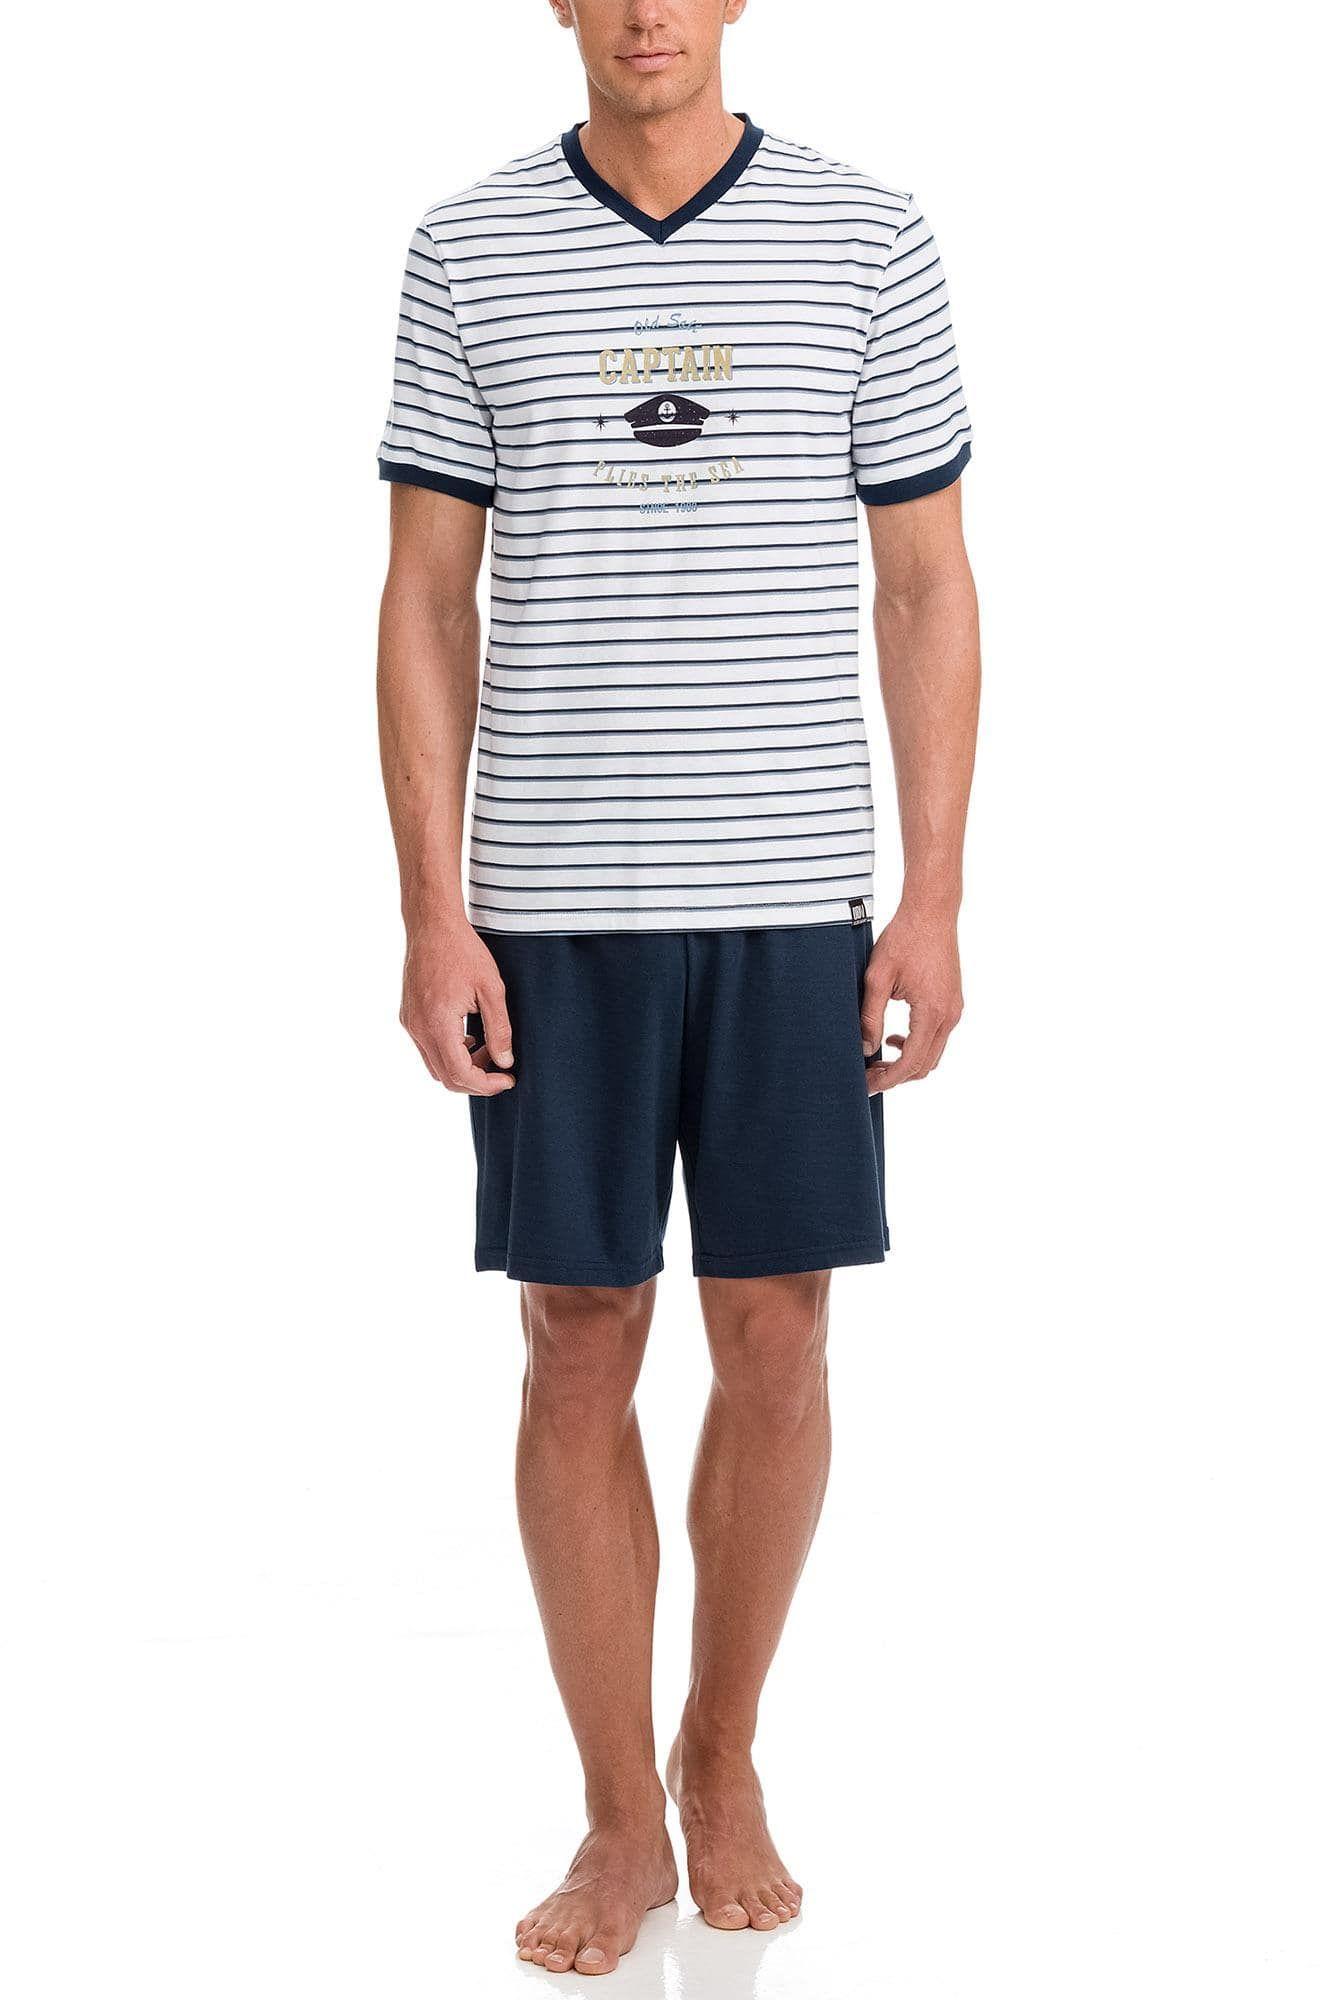 Men's Striped Pyjamas